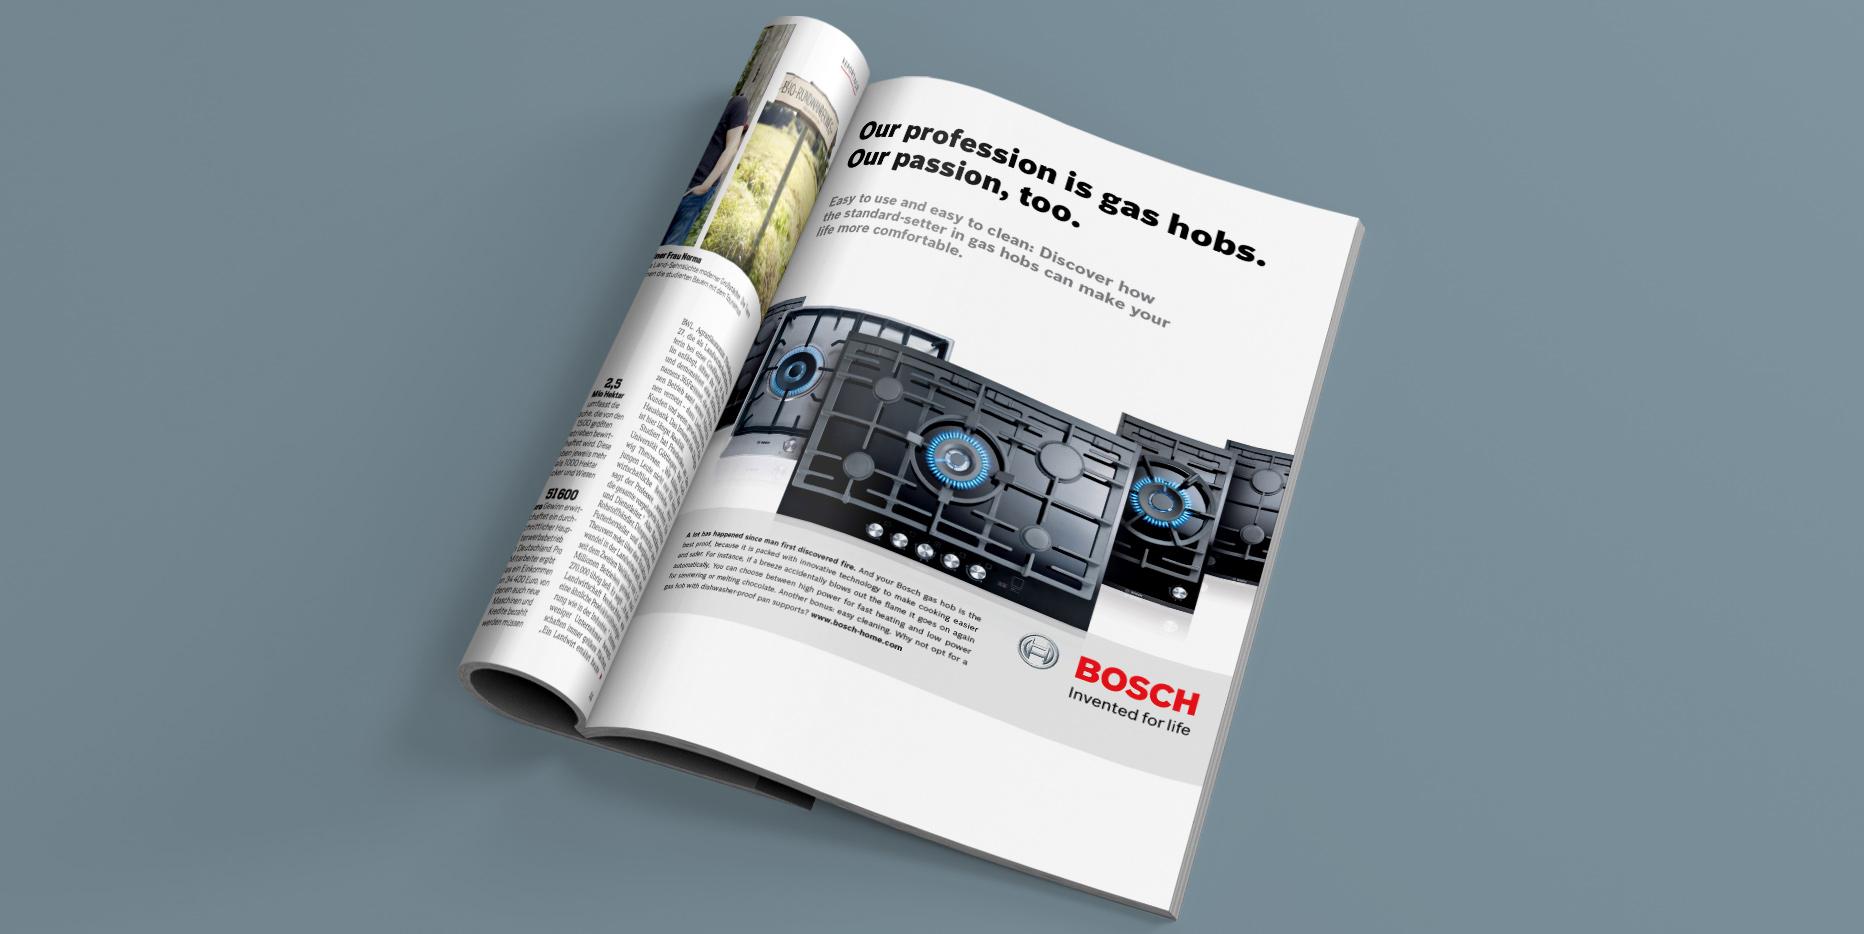 Referenz Feuer Und Flamme Fur Bosch Gaskochfelder Straight